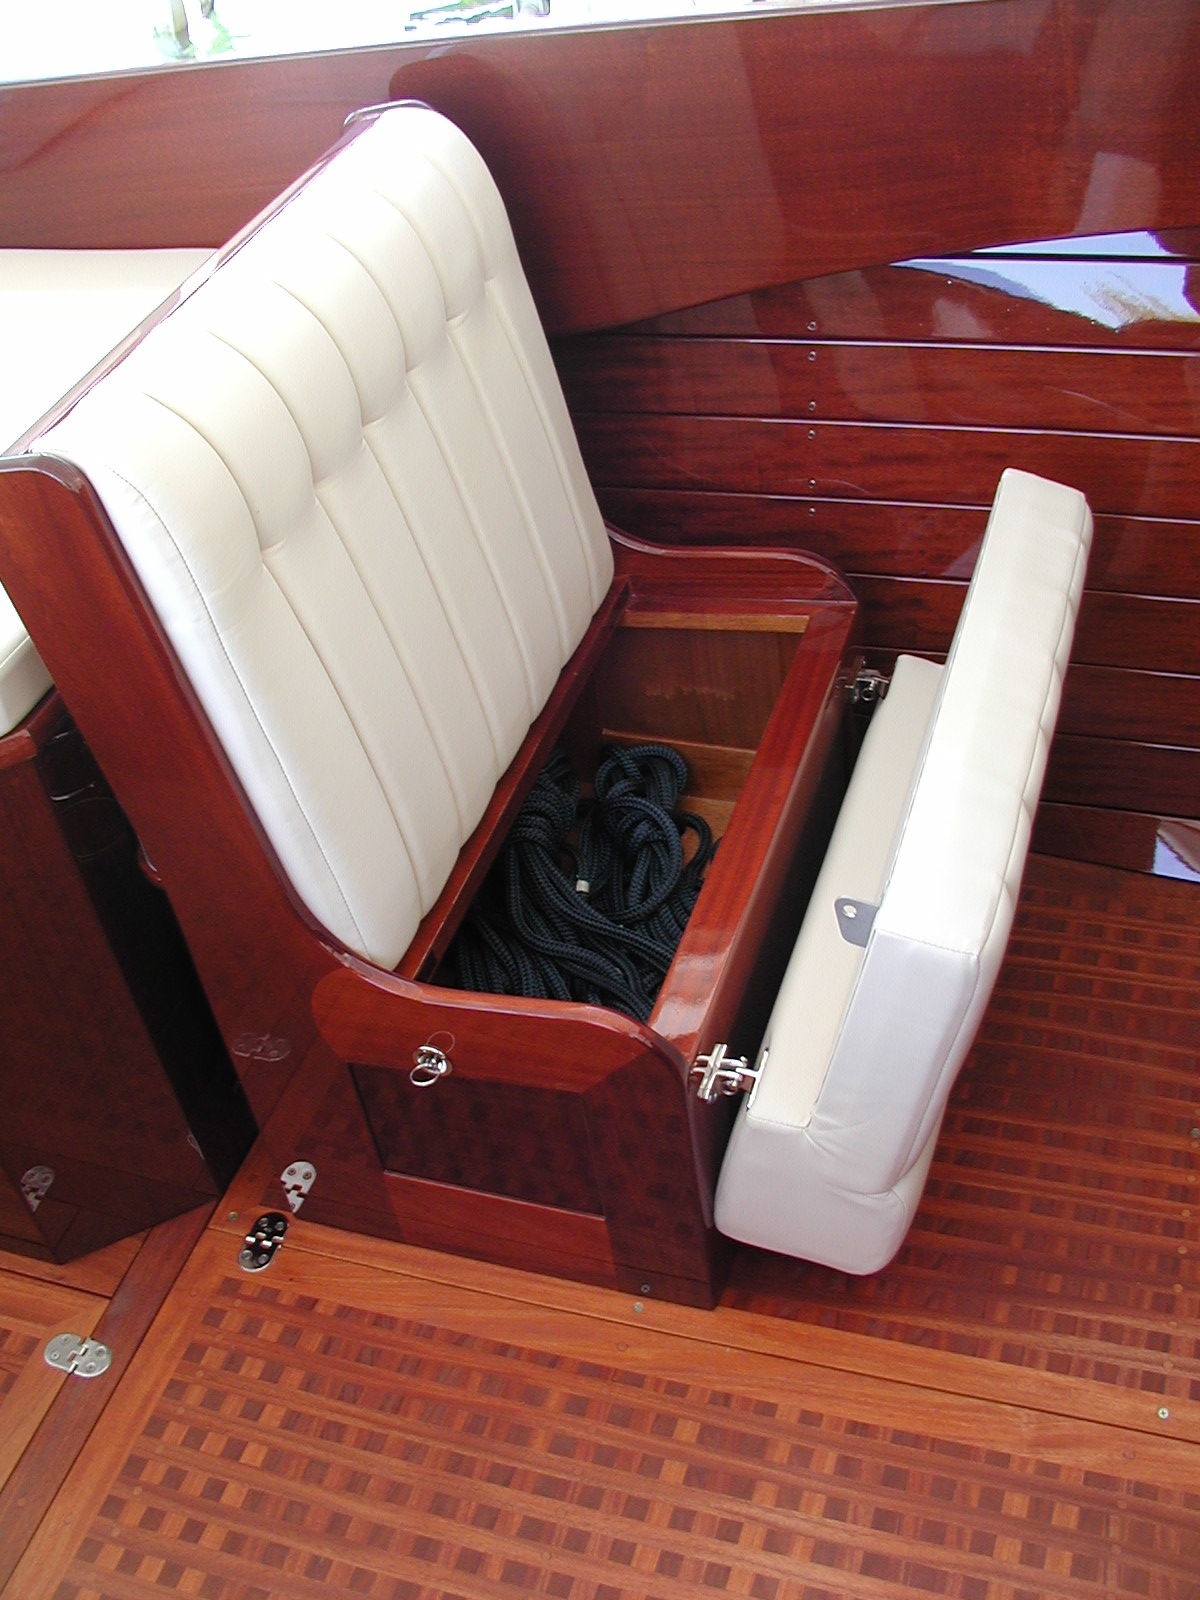 Convenient storage under seats